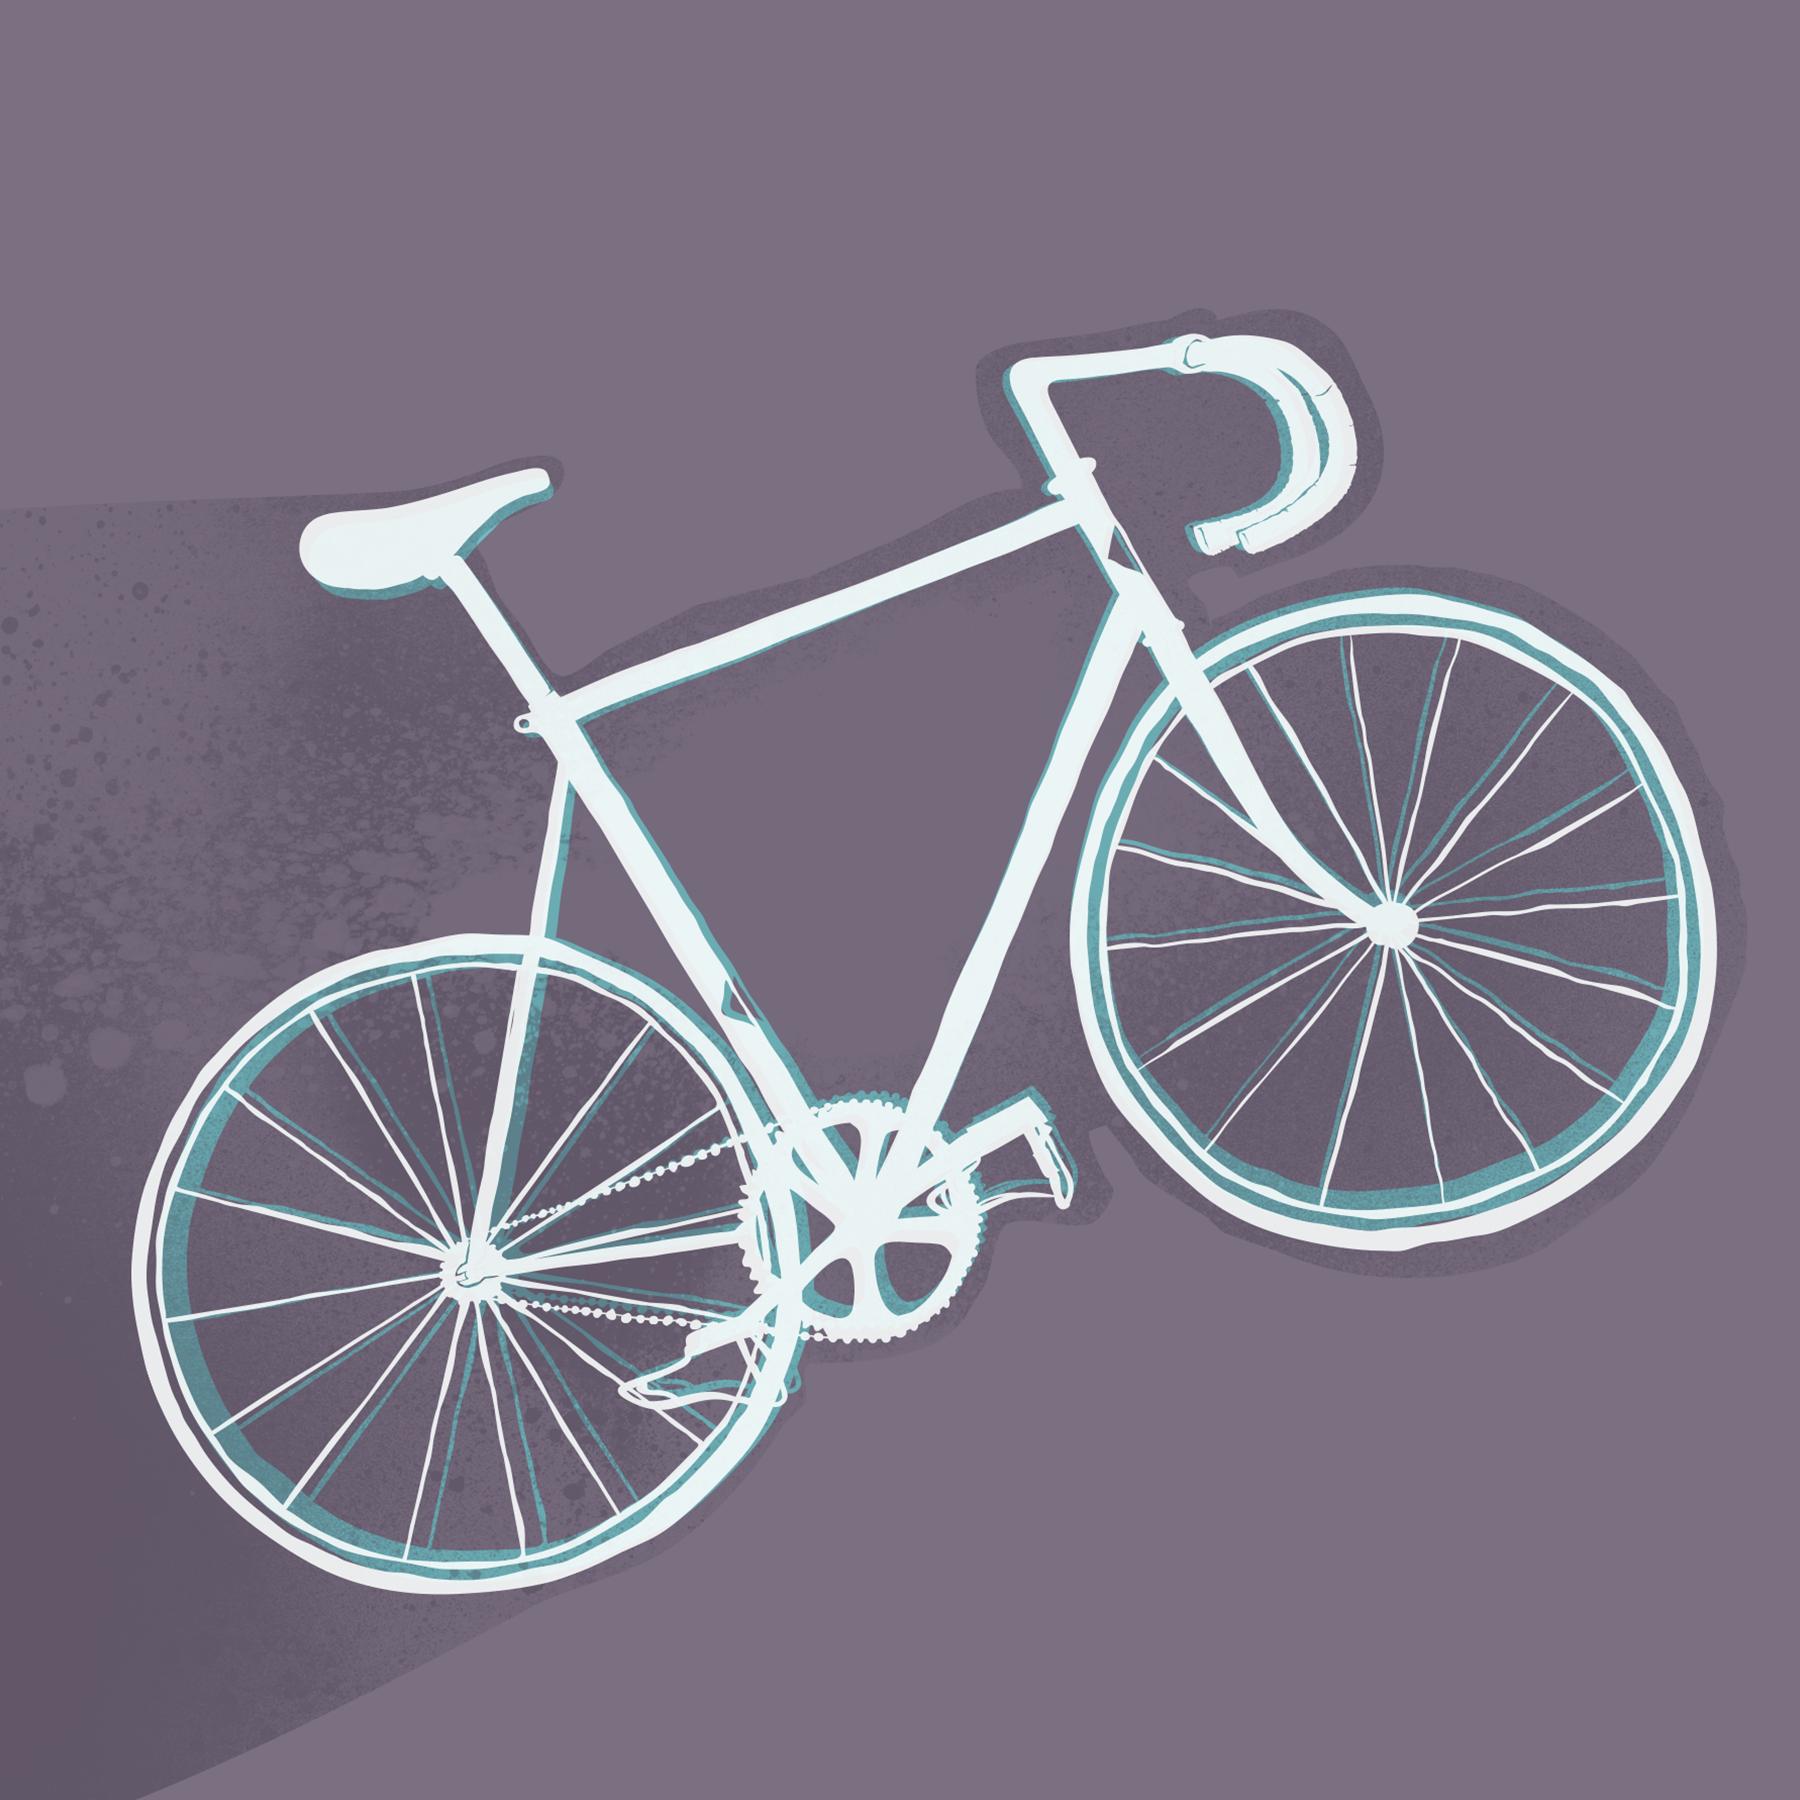 bike2.png